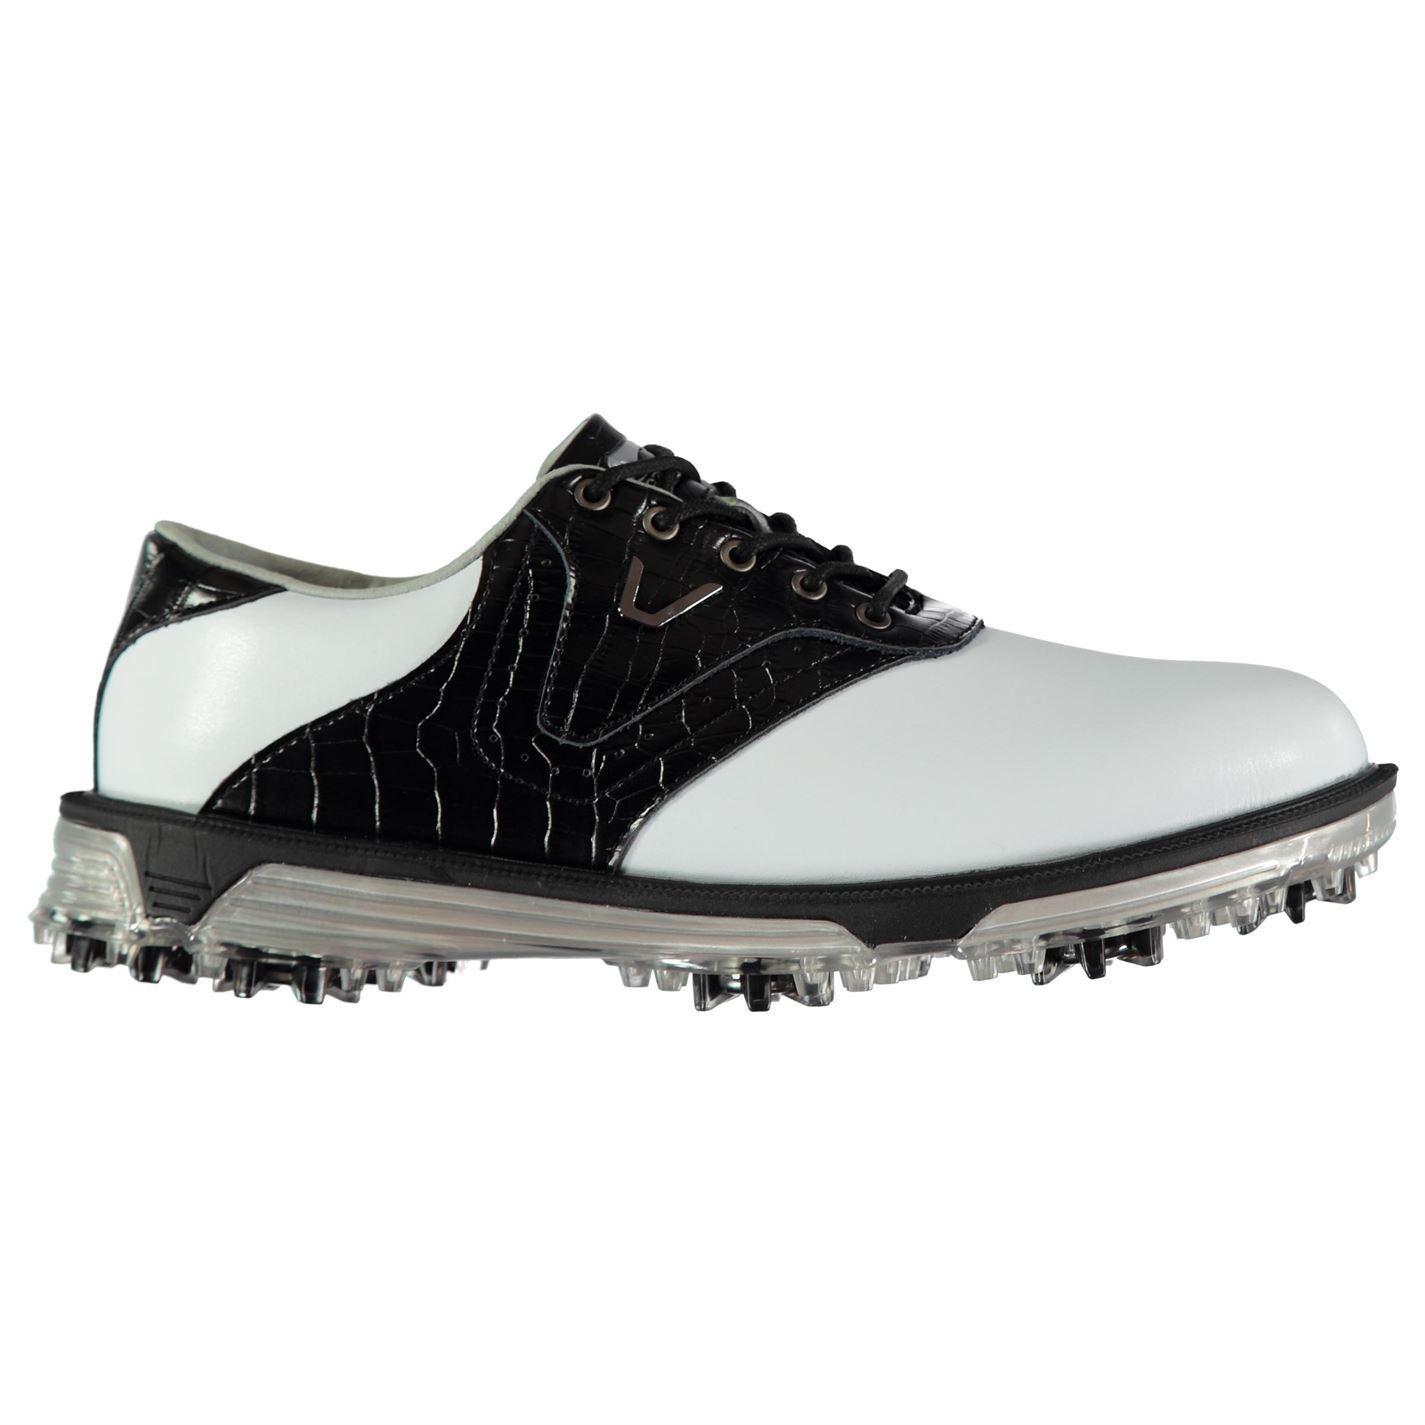 Slazenger-V500-Golf-Shoes-Mens-Spikes-Footwear thumbnail 14